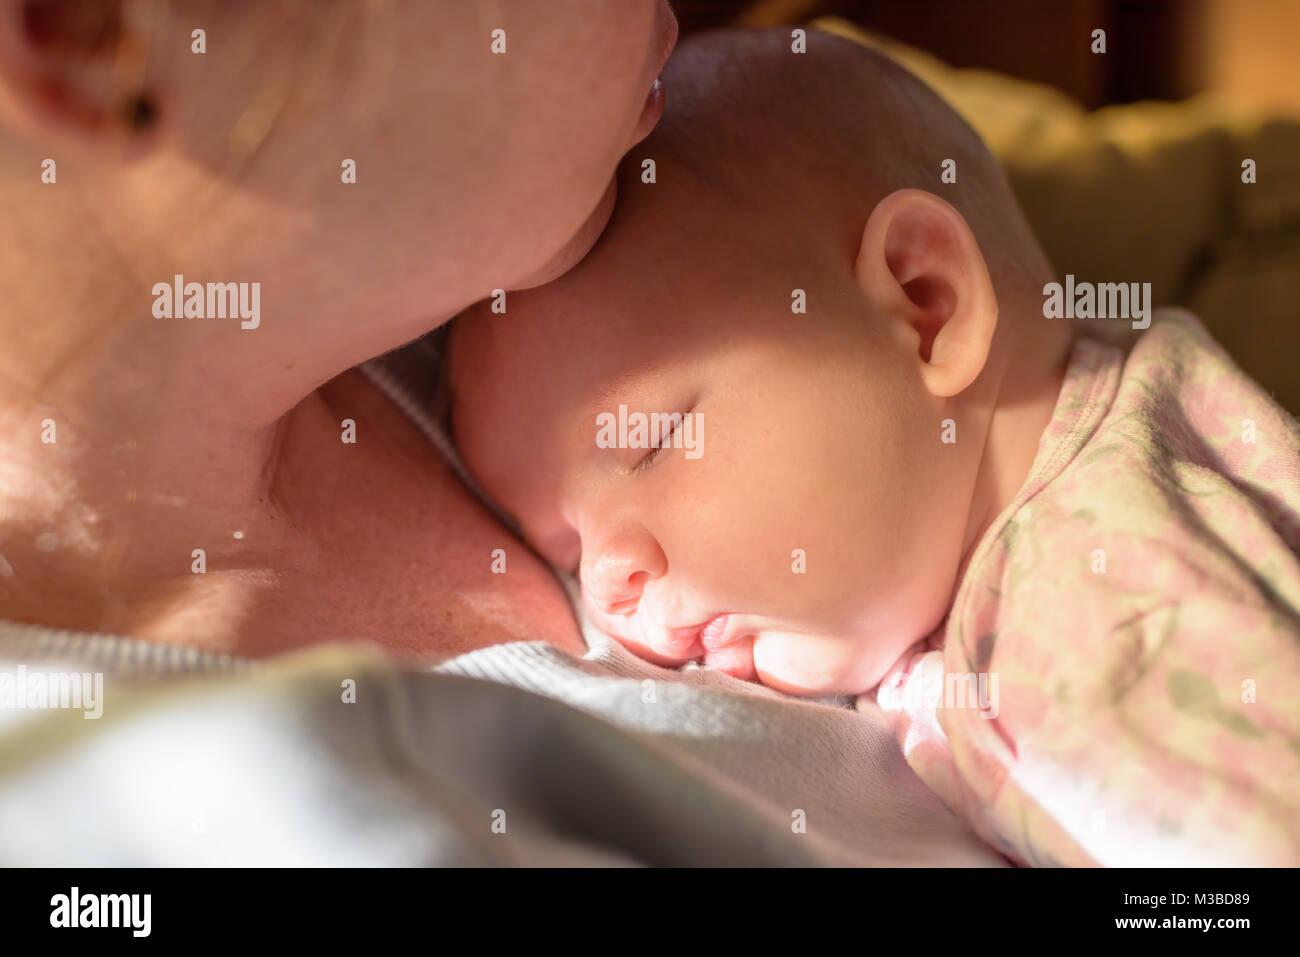 Junge Mutter sitzen auf der Couch kuscheln ein schlafendes Neugeborenes im Morgenlicht. Stockfoto